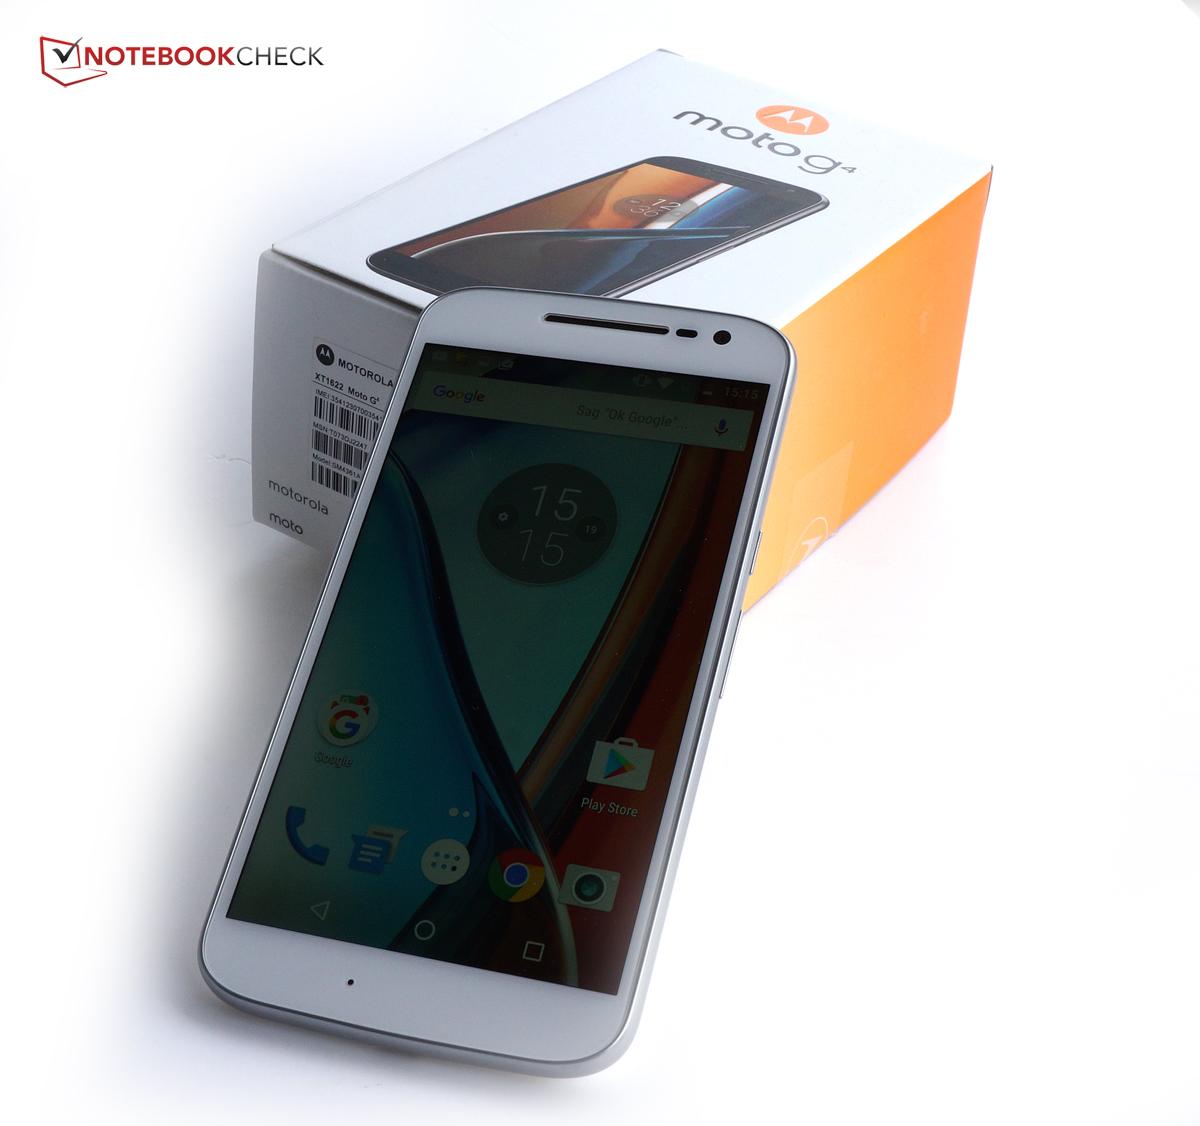 Lenovo Moto G4 Smartphone Review